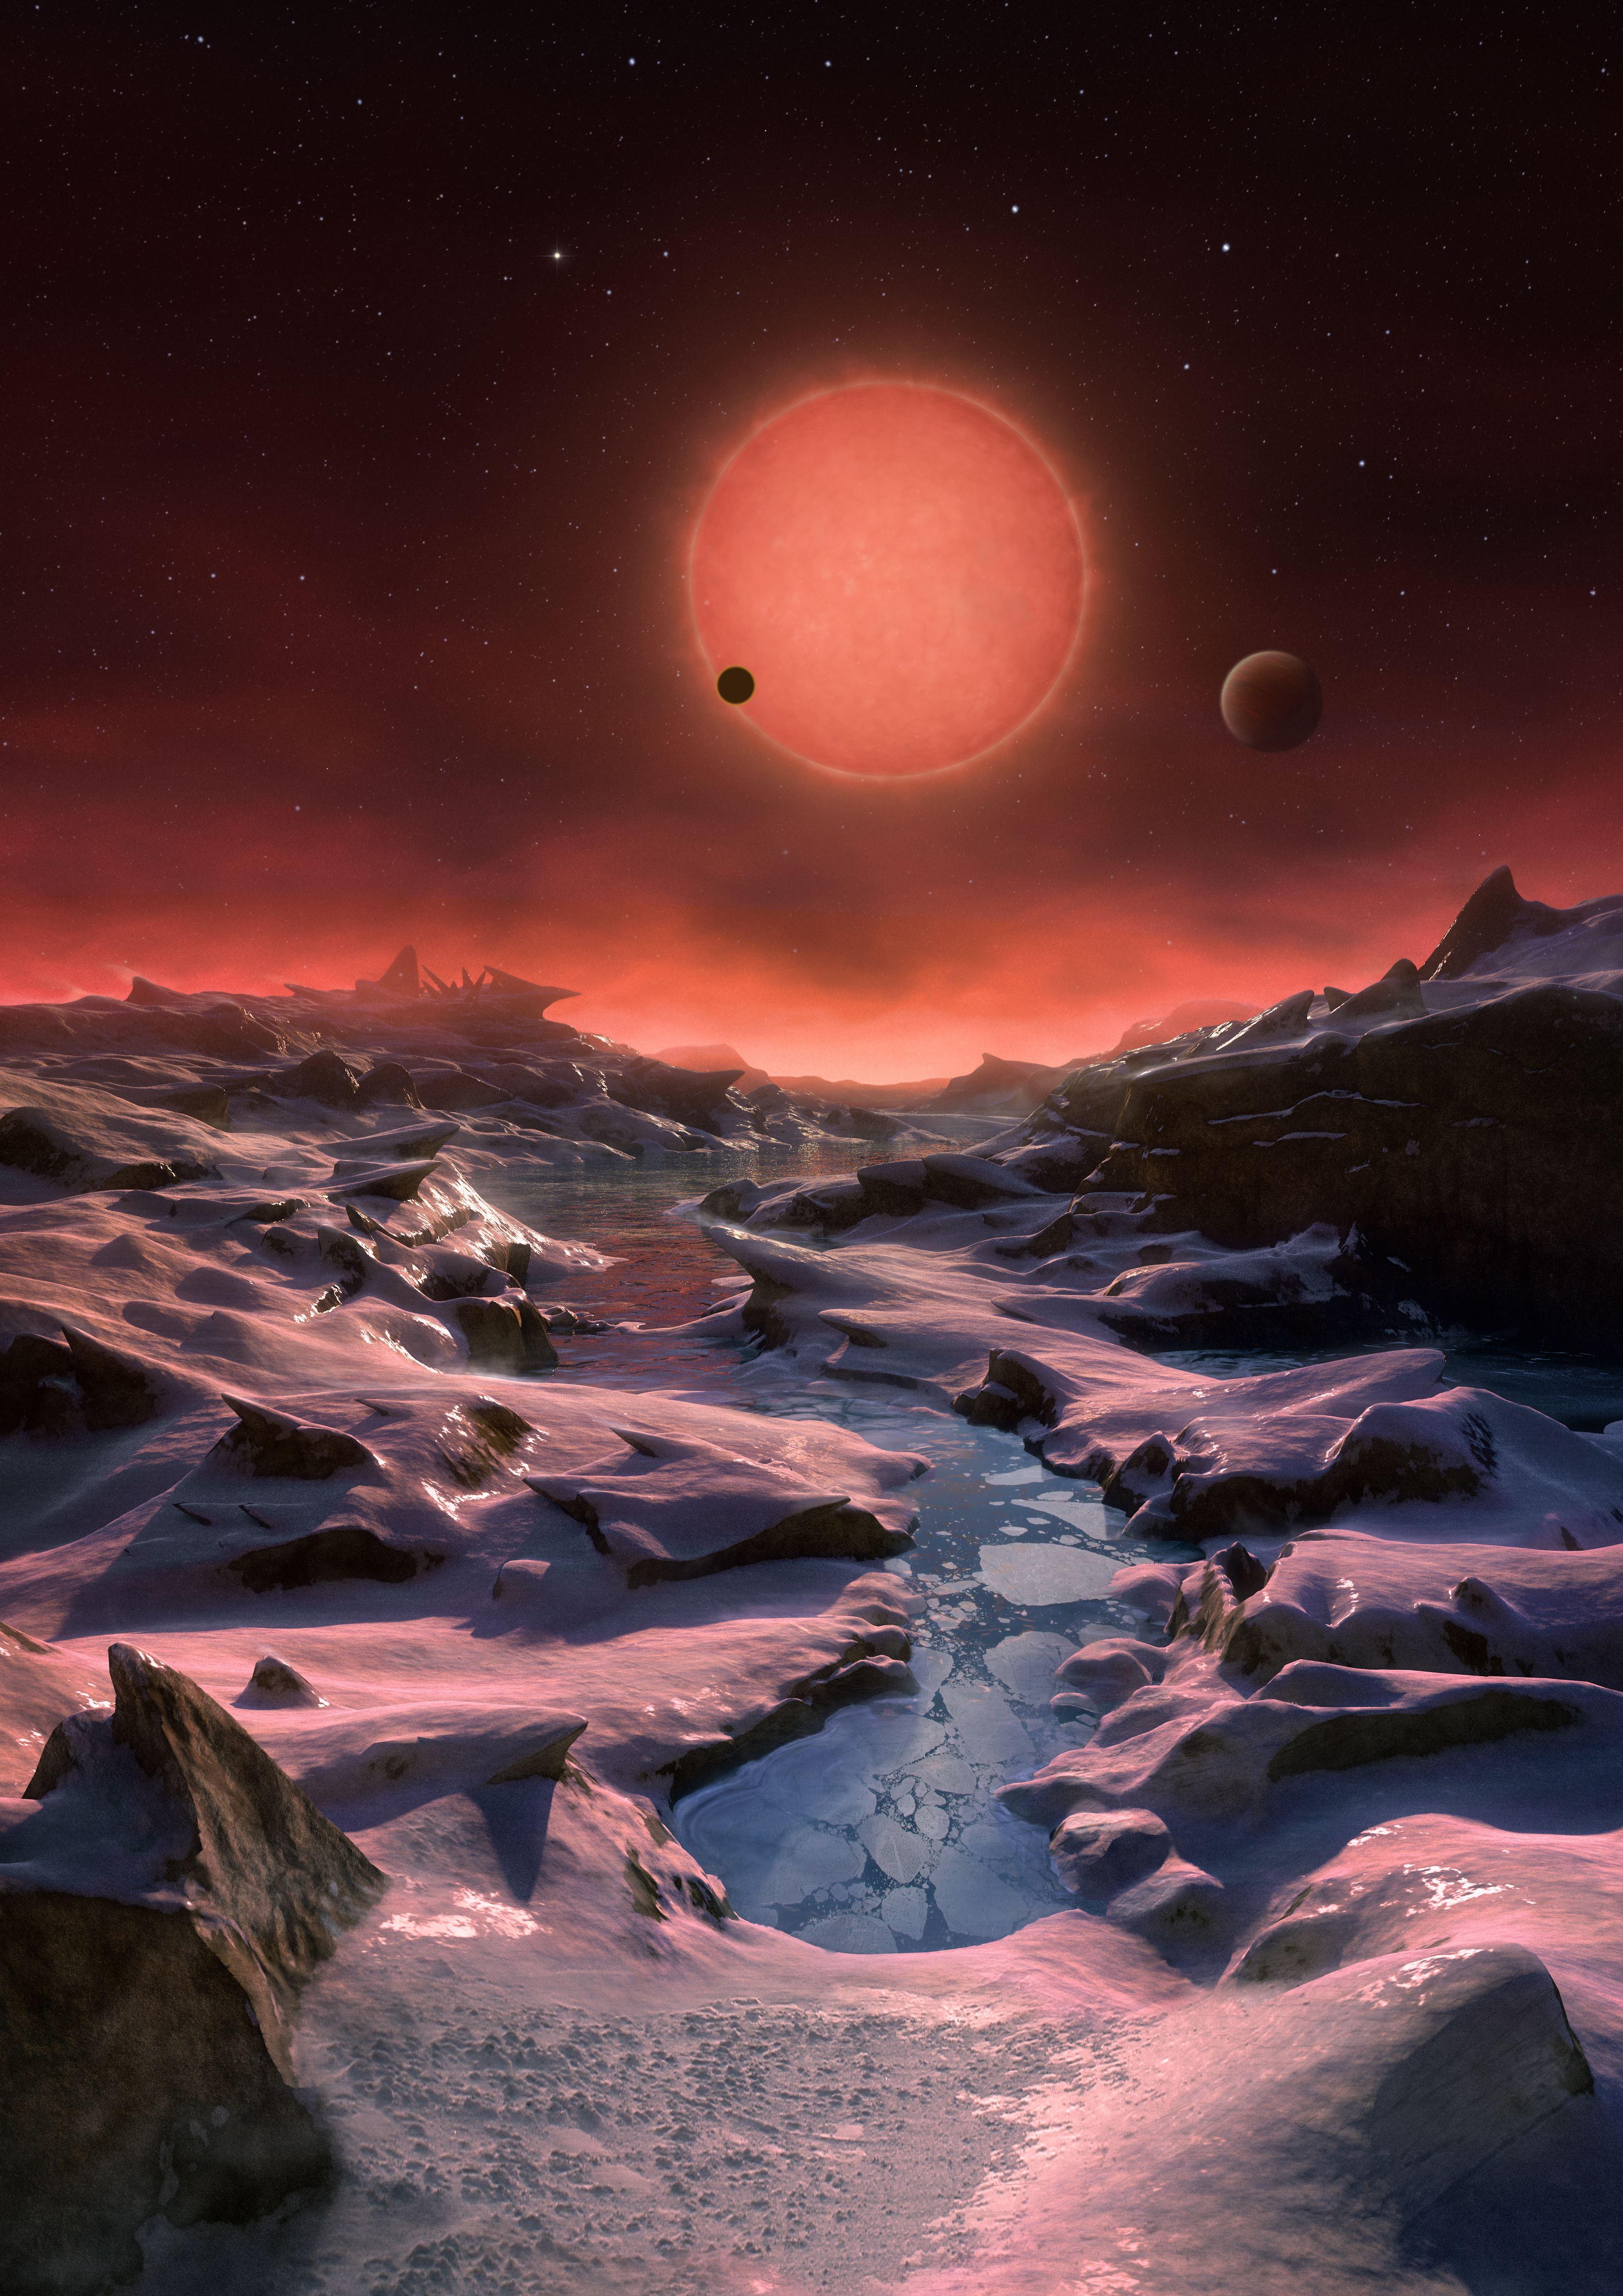 Landschaft auf einem Planeten des Trappist-1-Sonnensystems